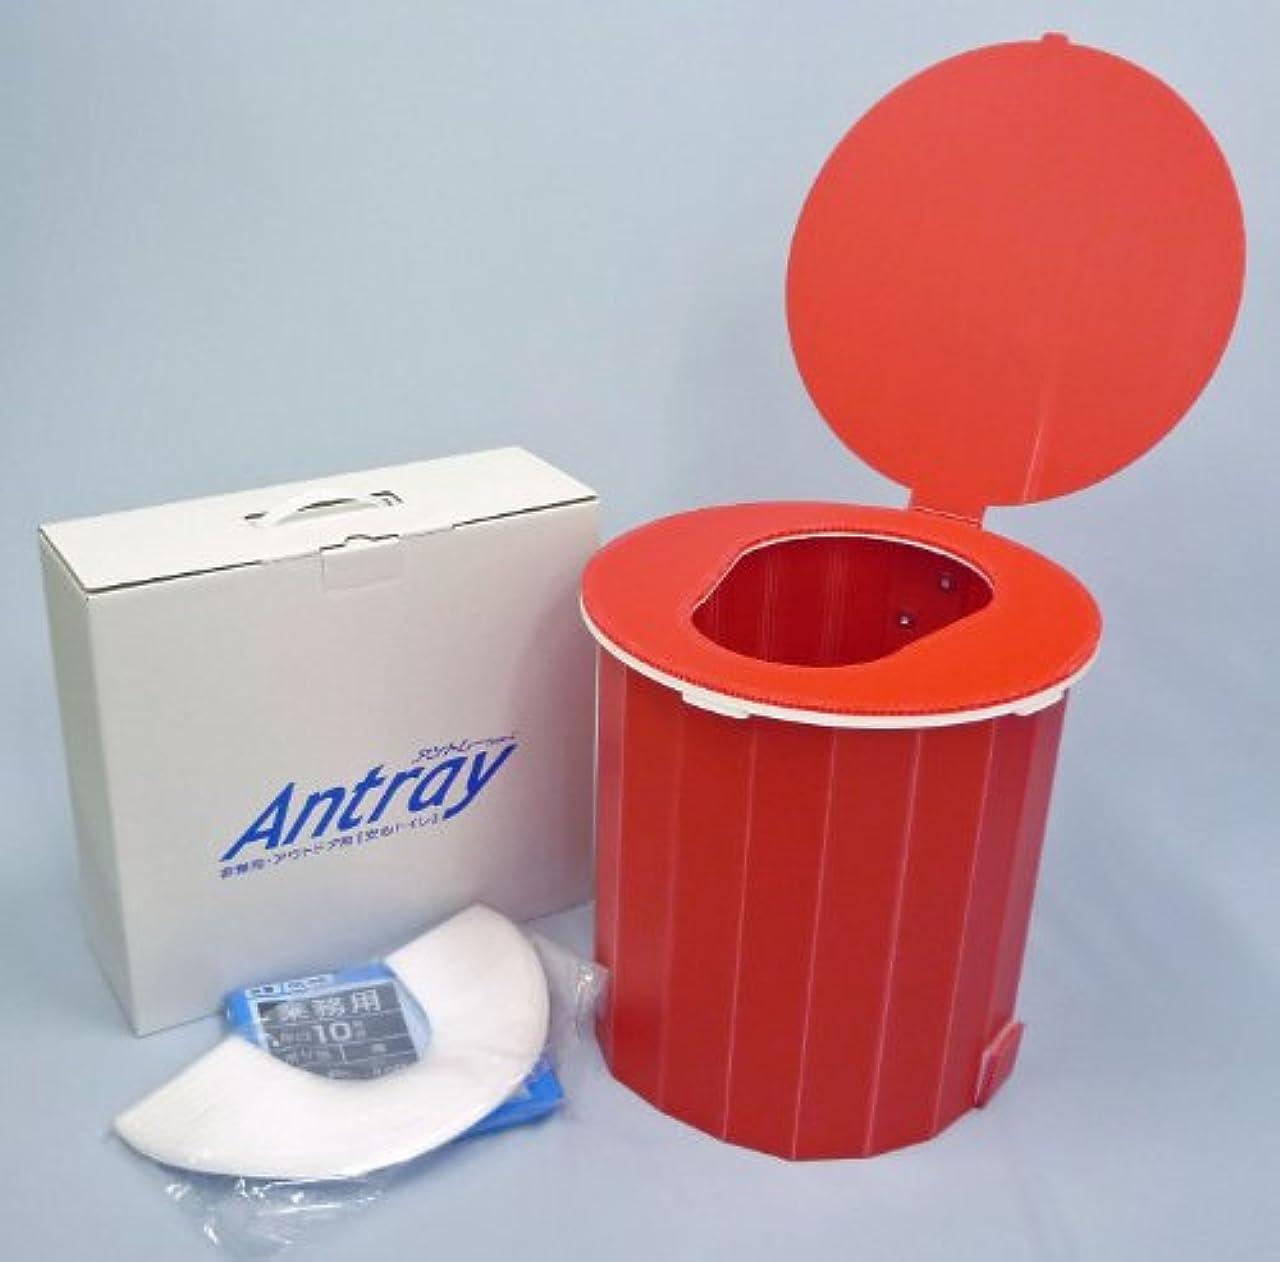 聴衆会社机簡易トイレ アントレー Type-C 標準セット (レッド)